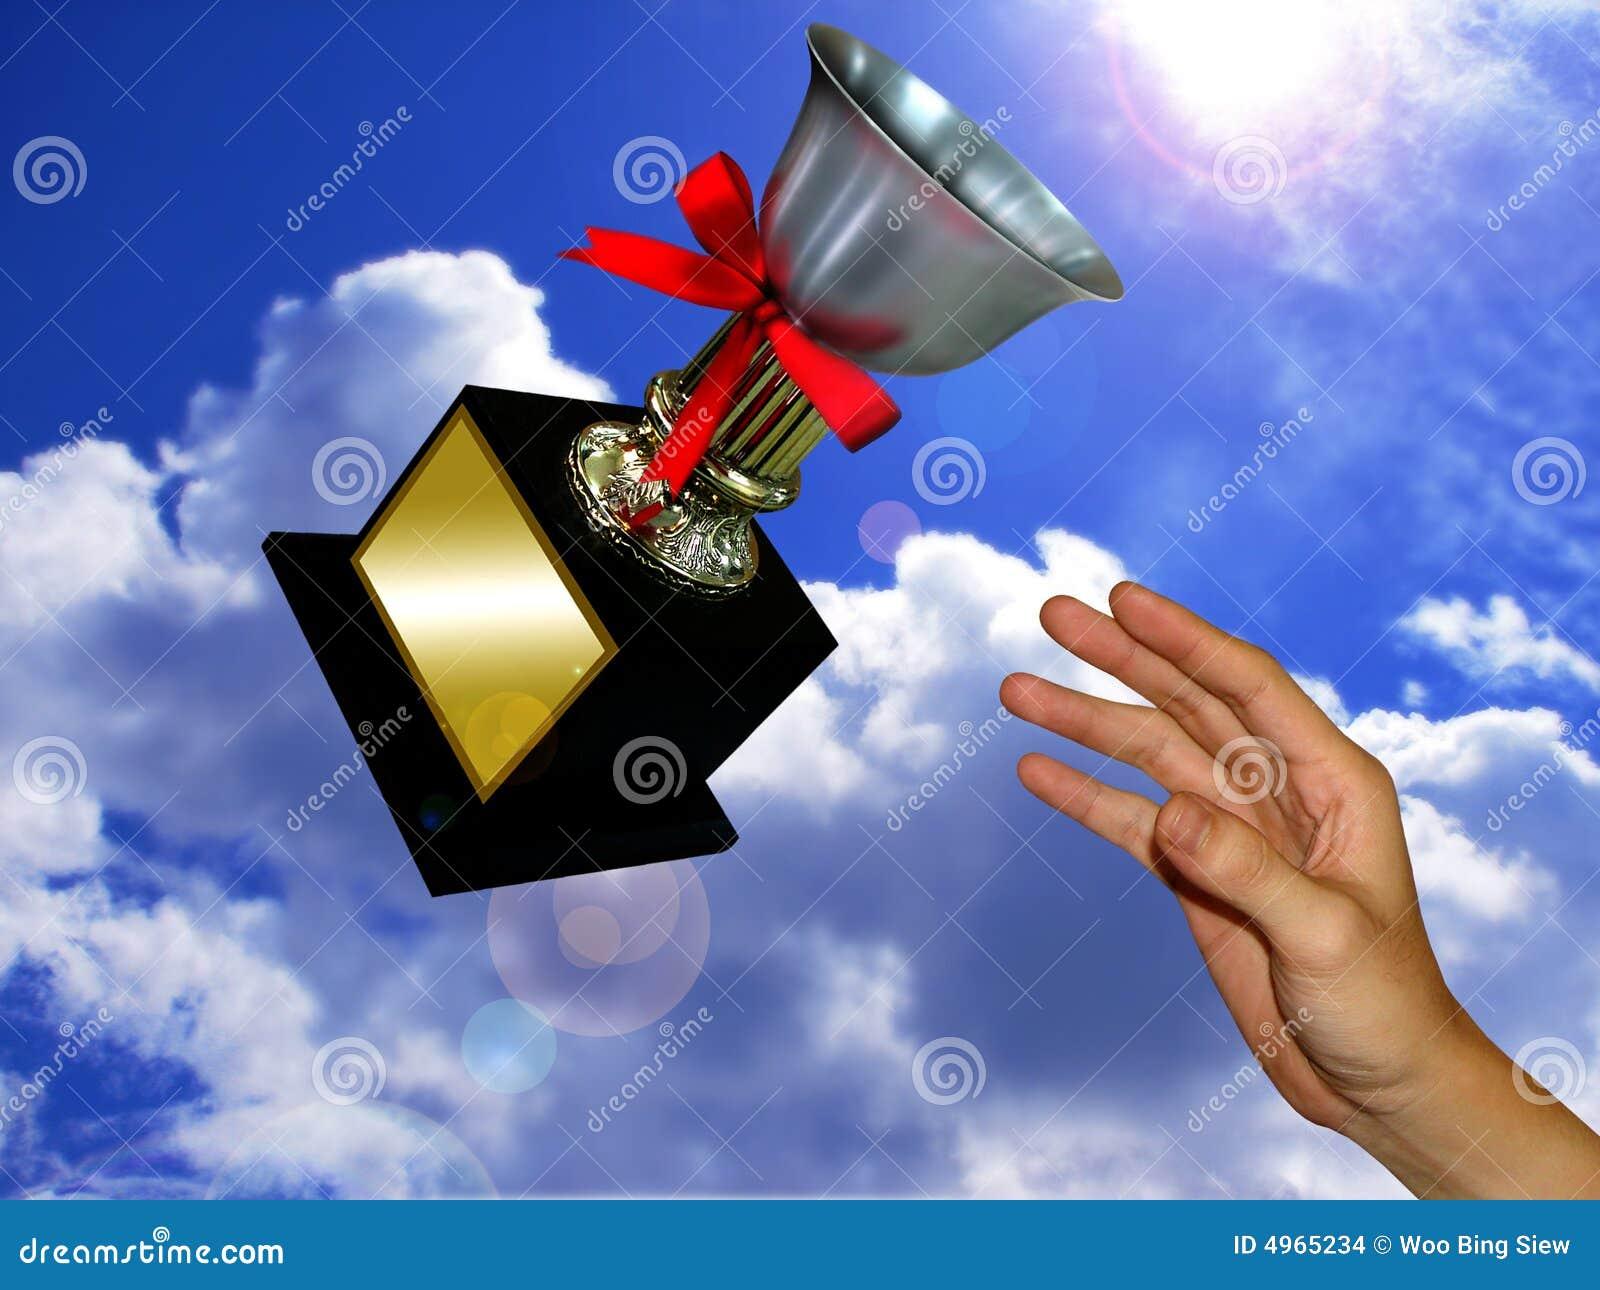 Mõista-mõista, mis lõng see on? - kuni 15 okt. (Võitja on Lonni!) Winner-trophy-4965234